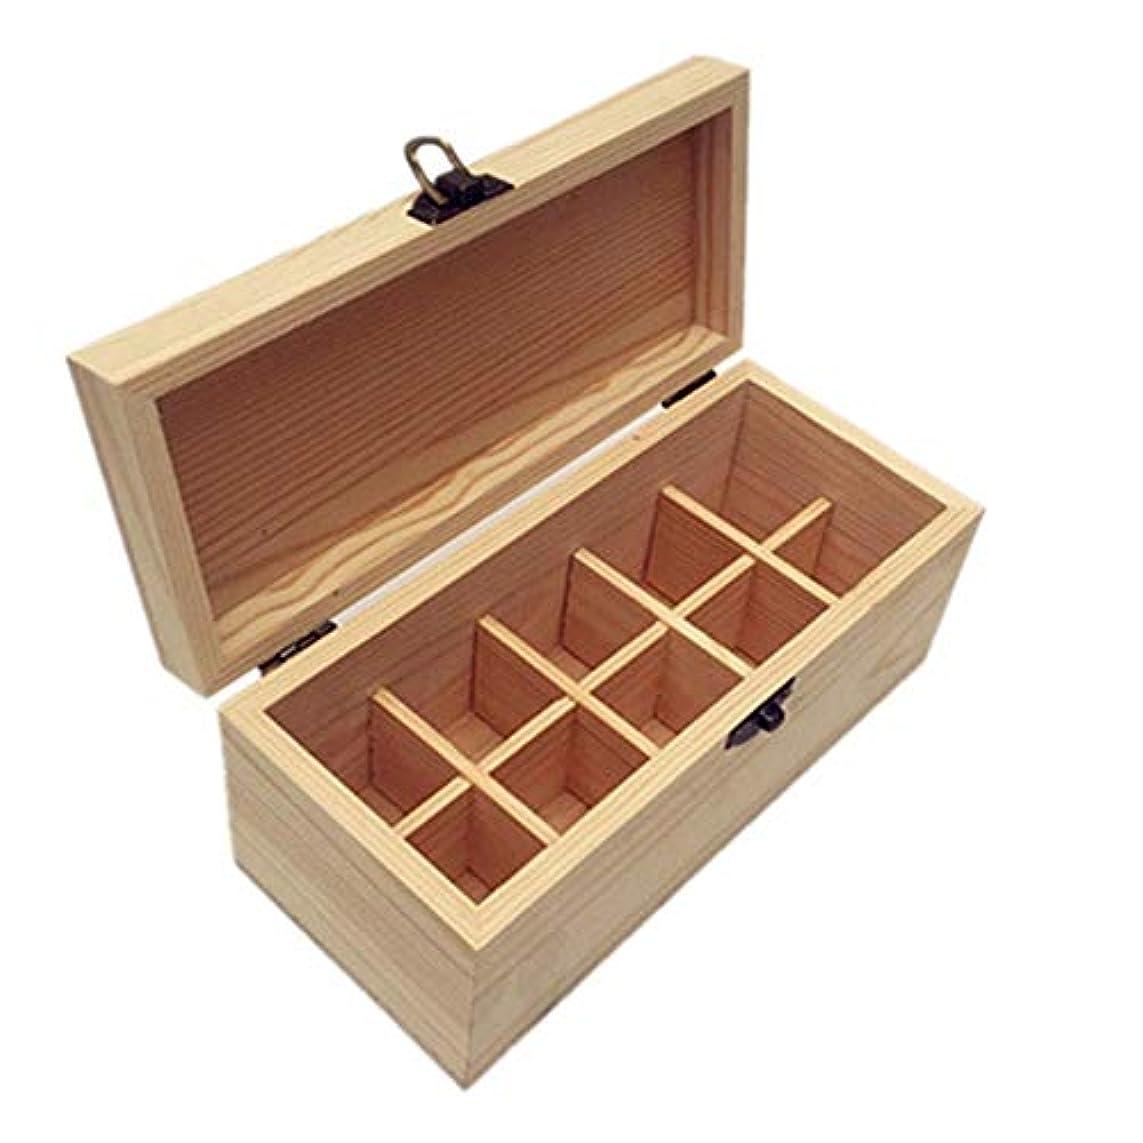 データボランティア唯物論エッセンシャルオイルボックス エッセンシャルオイルは、10個のスロットボトルエッセンシャルオイルの木製収納ボックスオーガナイザー アロマセラピー収納ボックス (色 : Natural, サイズ : 21.2X9.5X9CM)